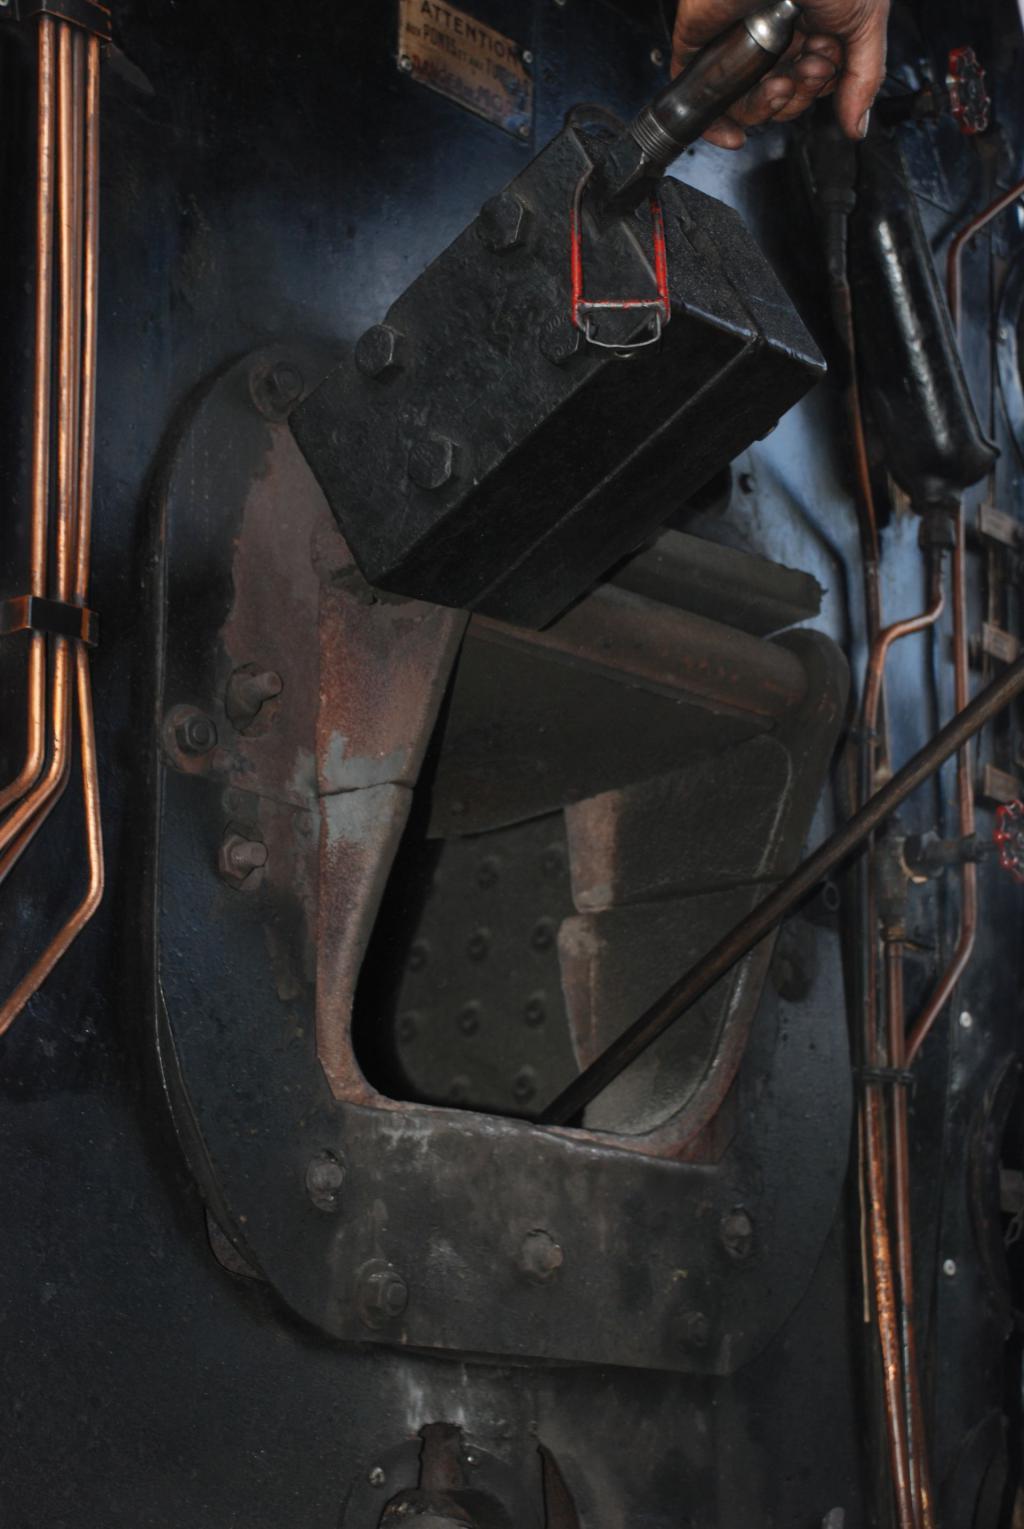 la 141 TD 740 du CFTLP Vap9-5313a59